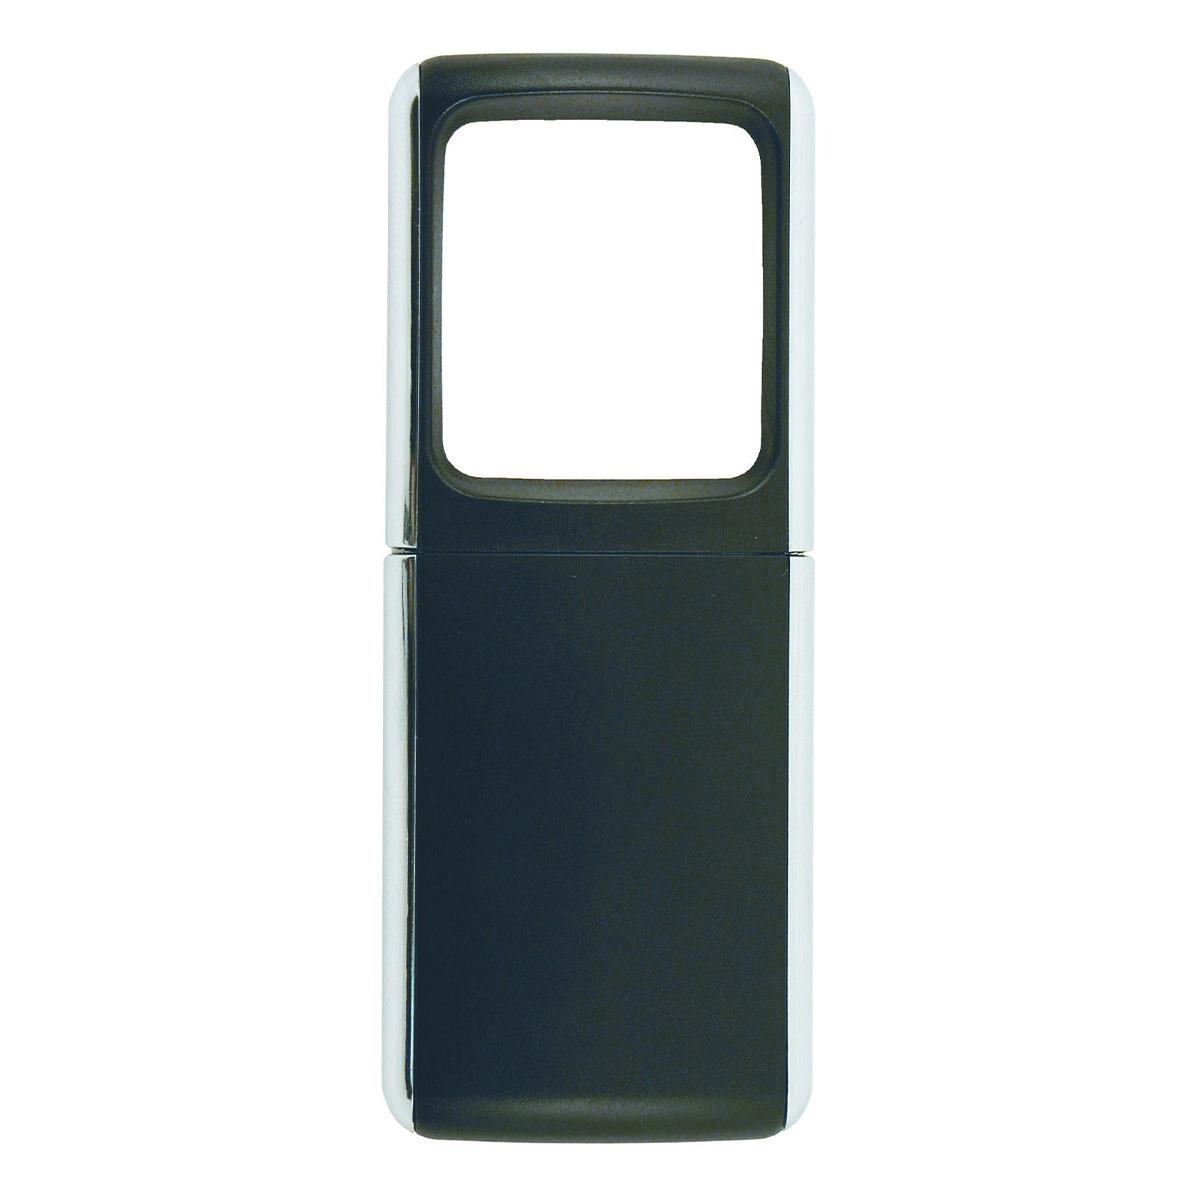 43-3007-handlupe-mit-beleuchtung-ansicht-1200x1200px.jpg